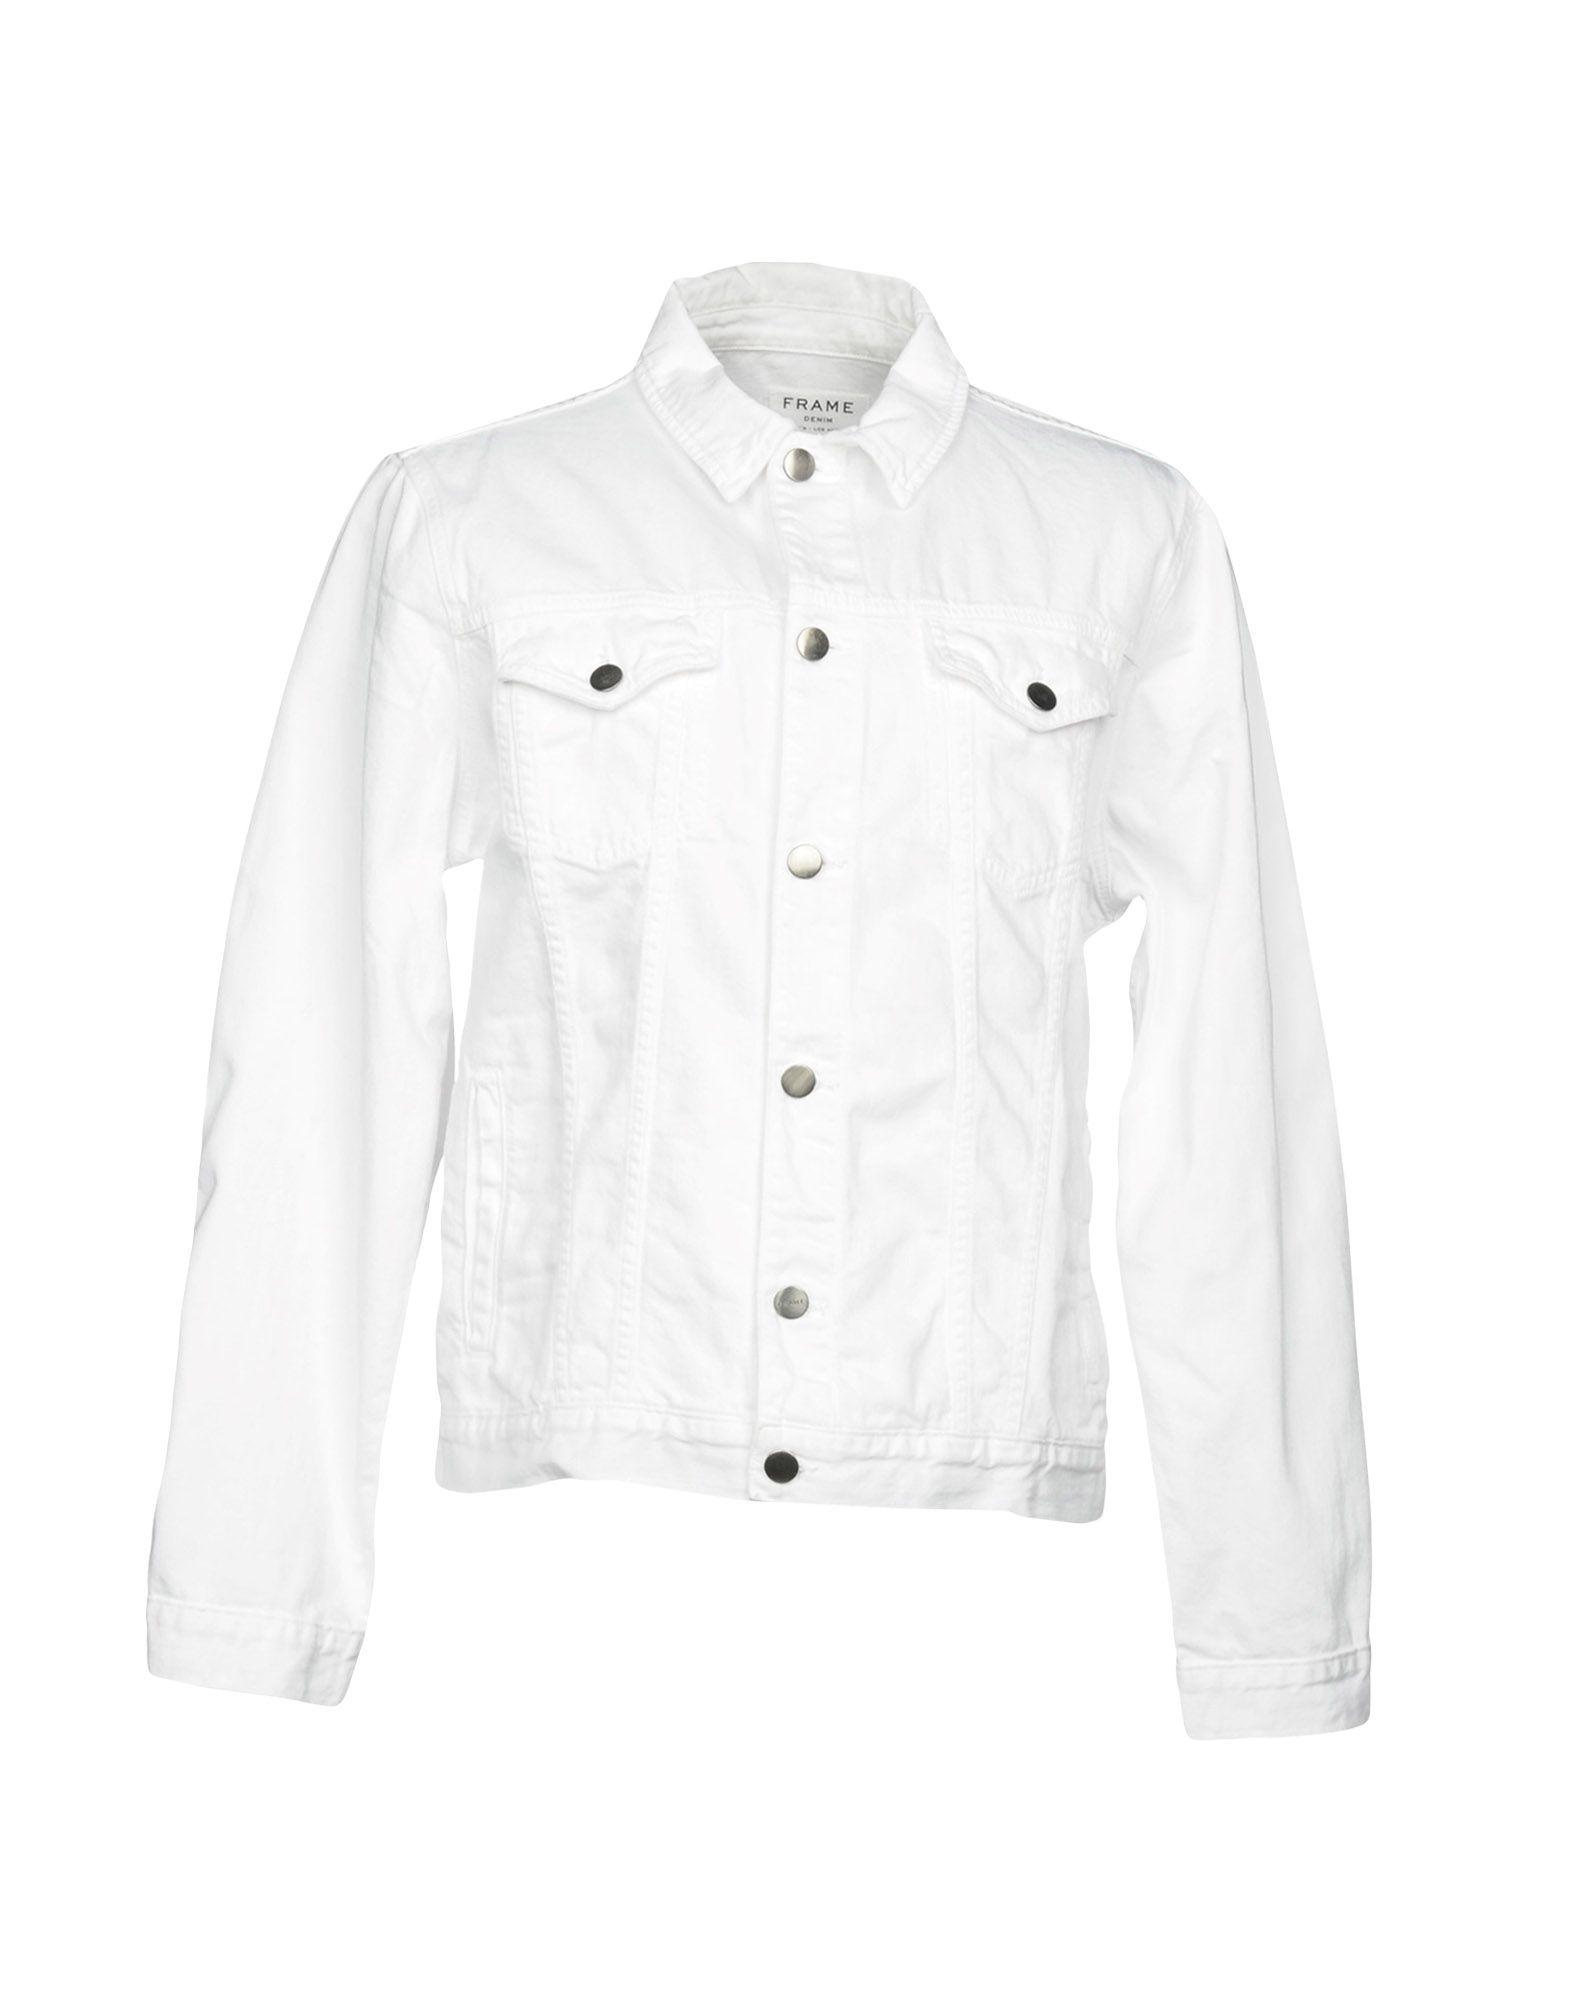 frame джинсовая верхняя одежда FRAME Джинсовая верхняя одежда